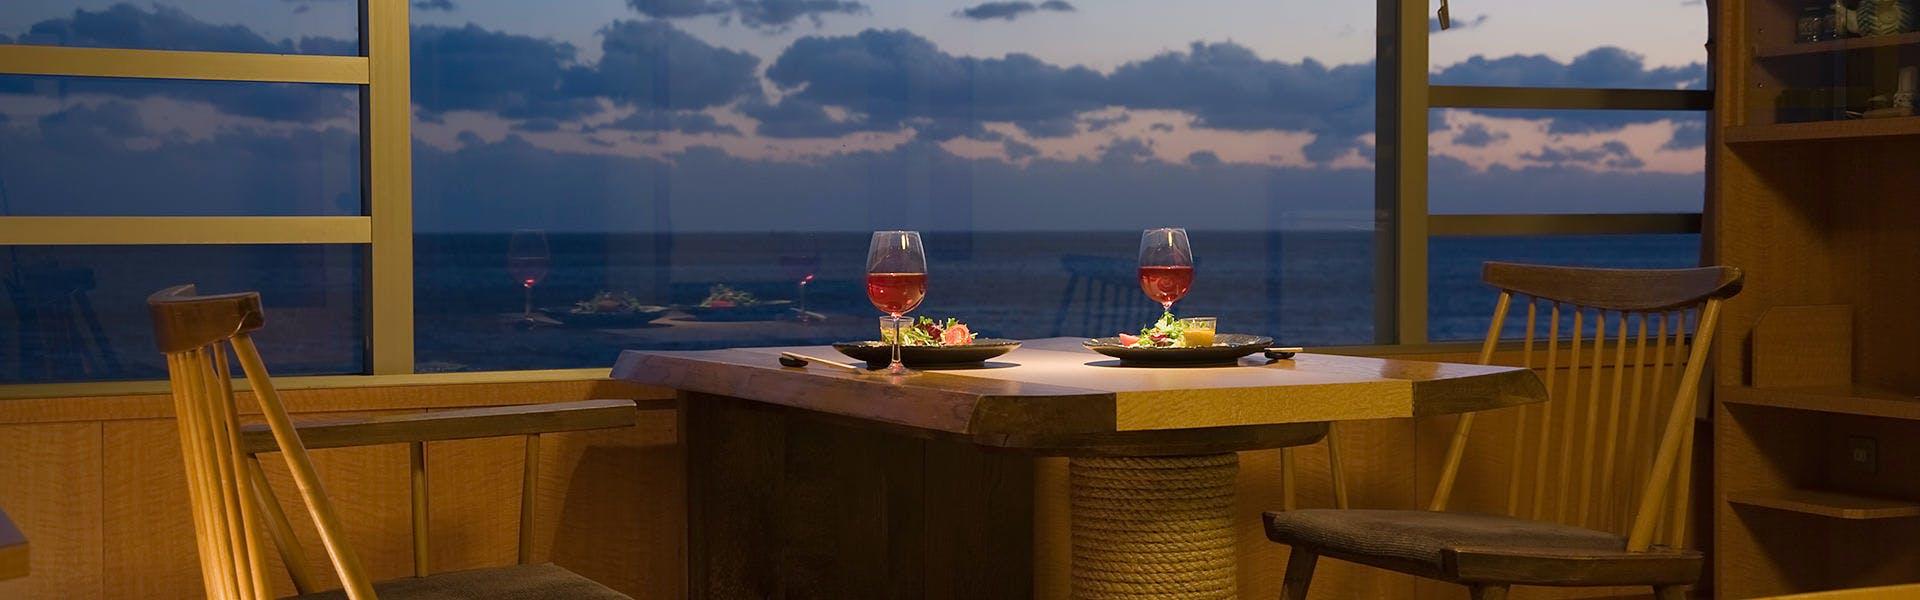 記念日におすすめのホテル・海一望絶景の宿 いなとり荘の写真3